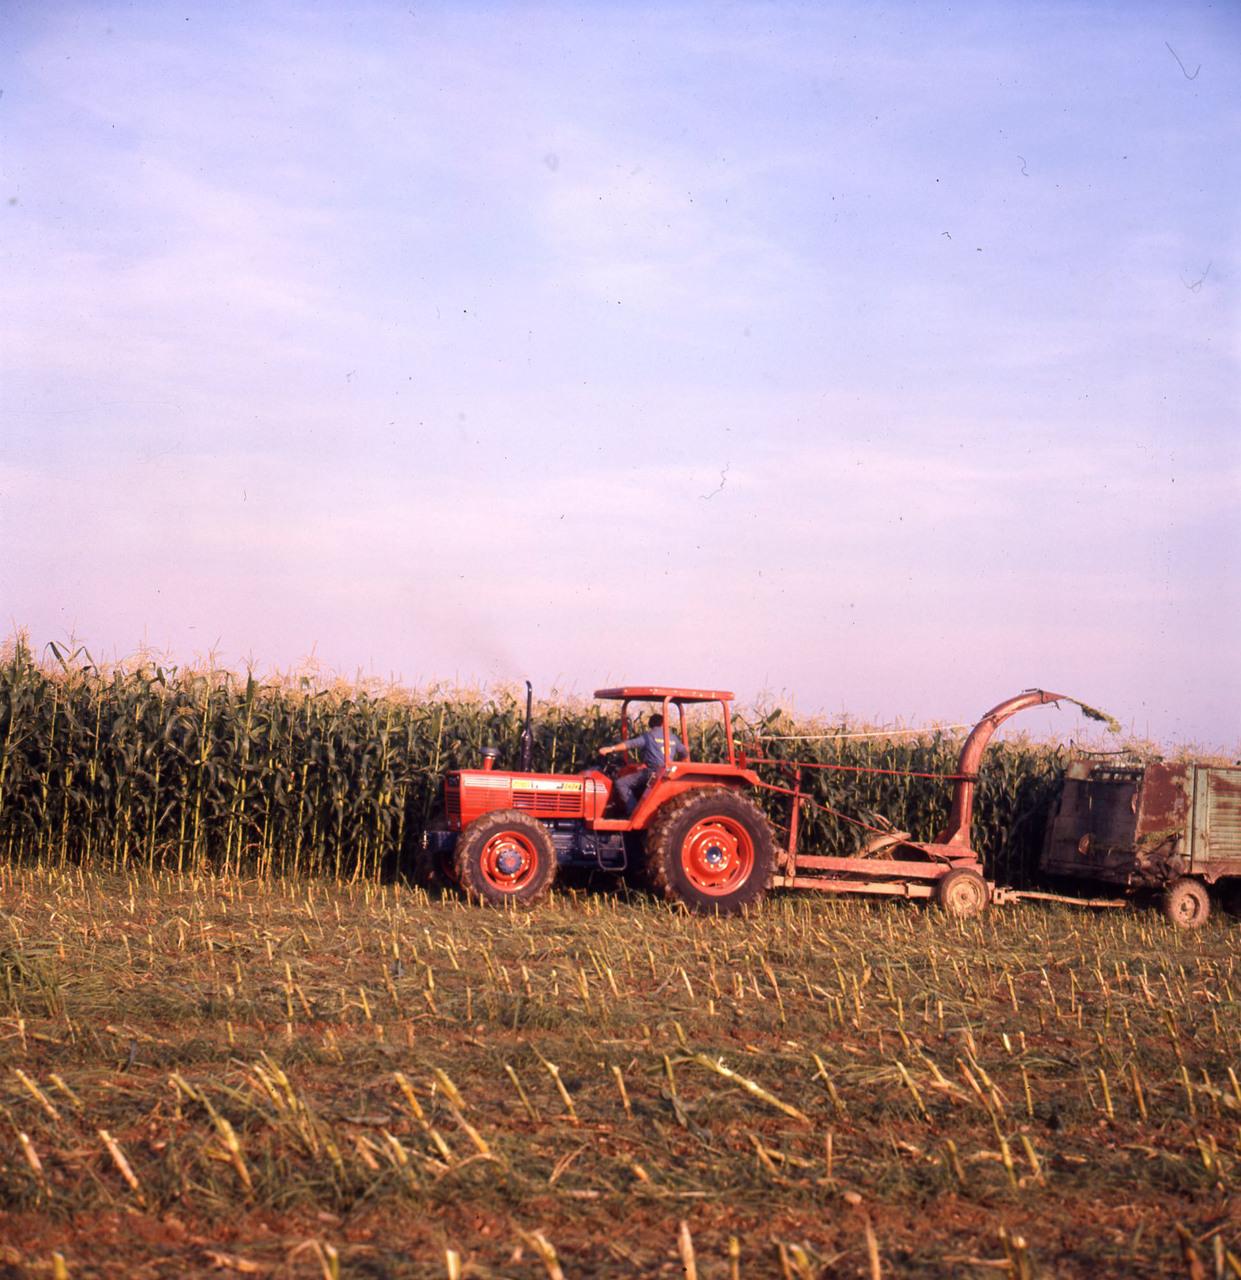 [SAME] trattore Tiger 100 al lavoro in un campo di granoturco